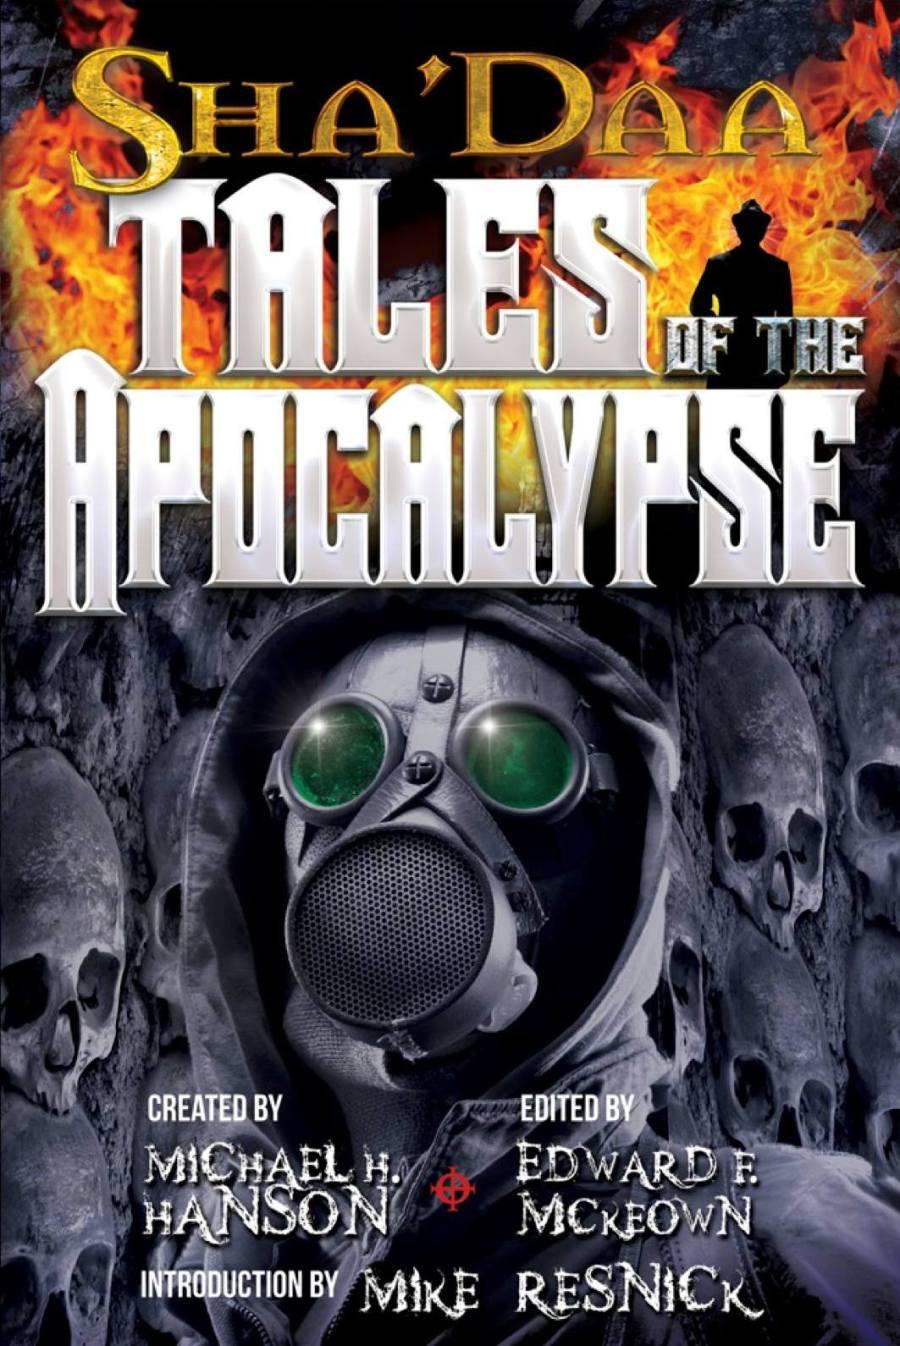 ShaDaa-Apocalypse